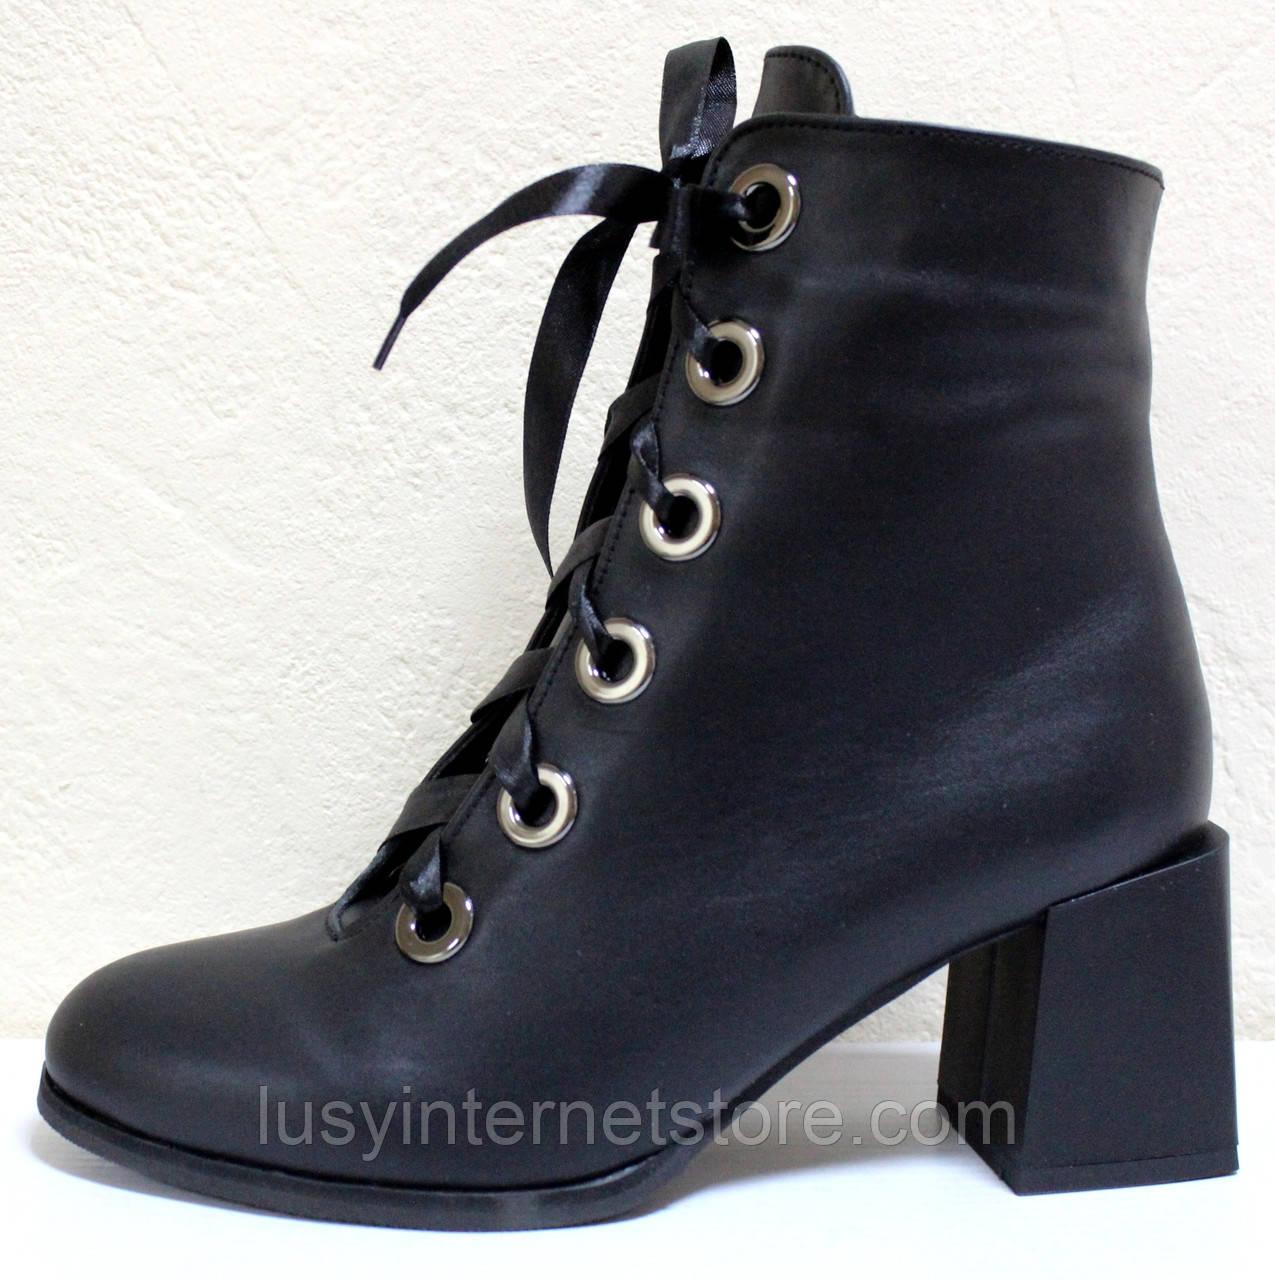 Ботинки женские демисезонные на каблуке от производителя модель КЛ909